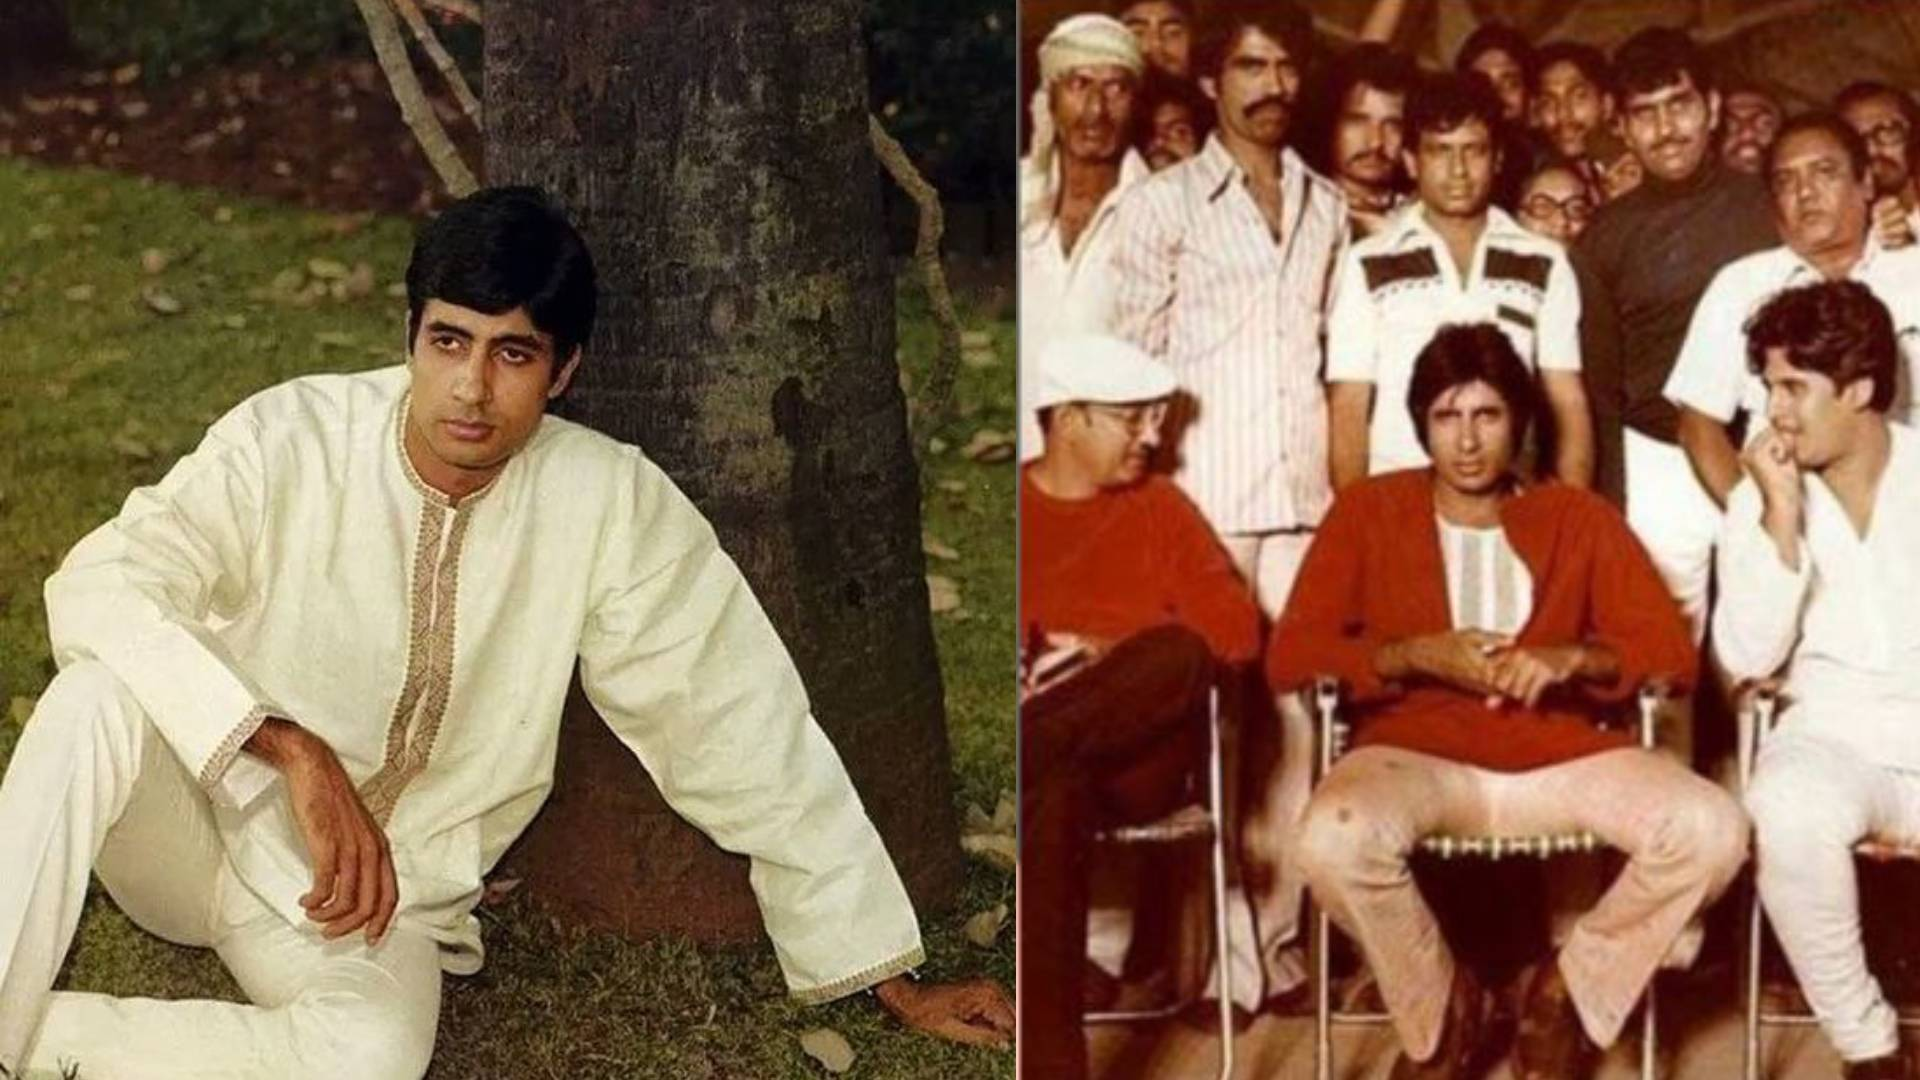 पिता हरिवंश राय बच्चन को इस वजह से पहली बार रोता देख इमोनशल हुए थे बिग बी, वायरल हो रहा है ये पुराना वीडियो